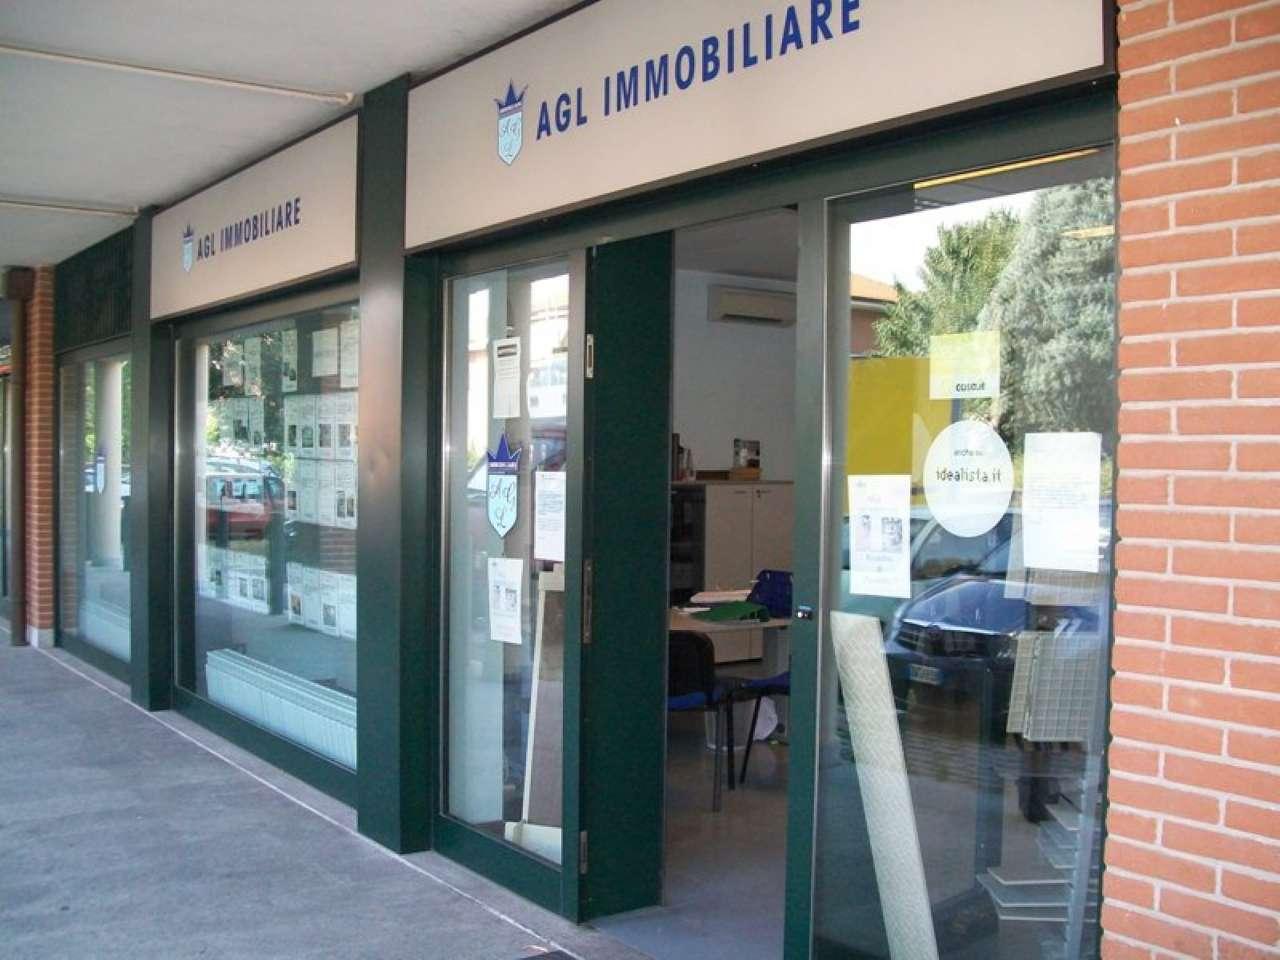 Soluzione Indipendente in affitto a Arluno, 3 locali, prezzo € 550 | CambioCasa.it